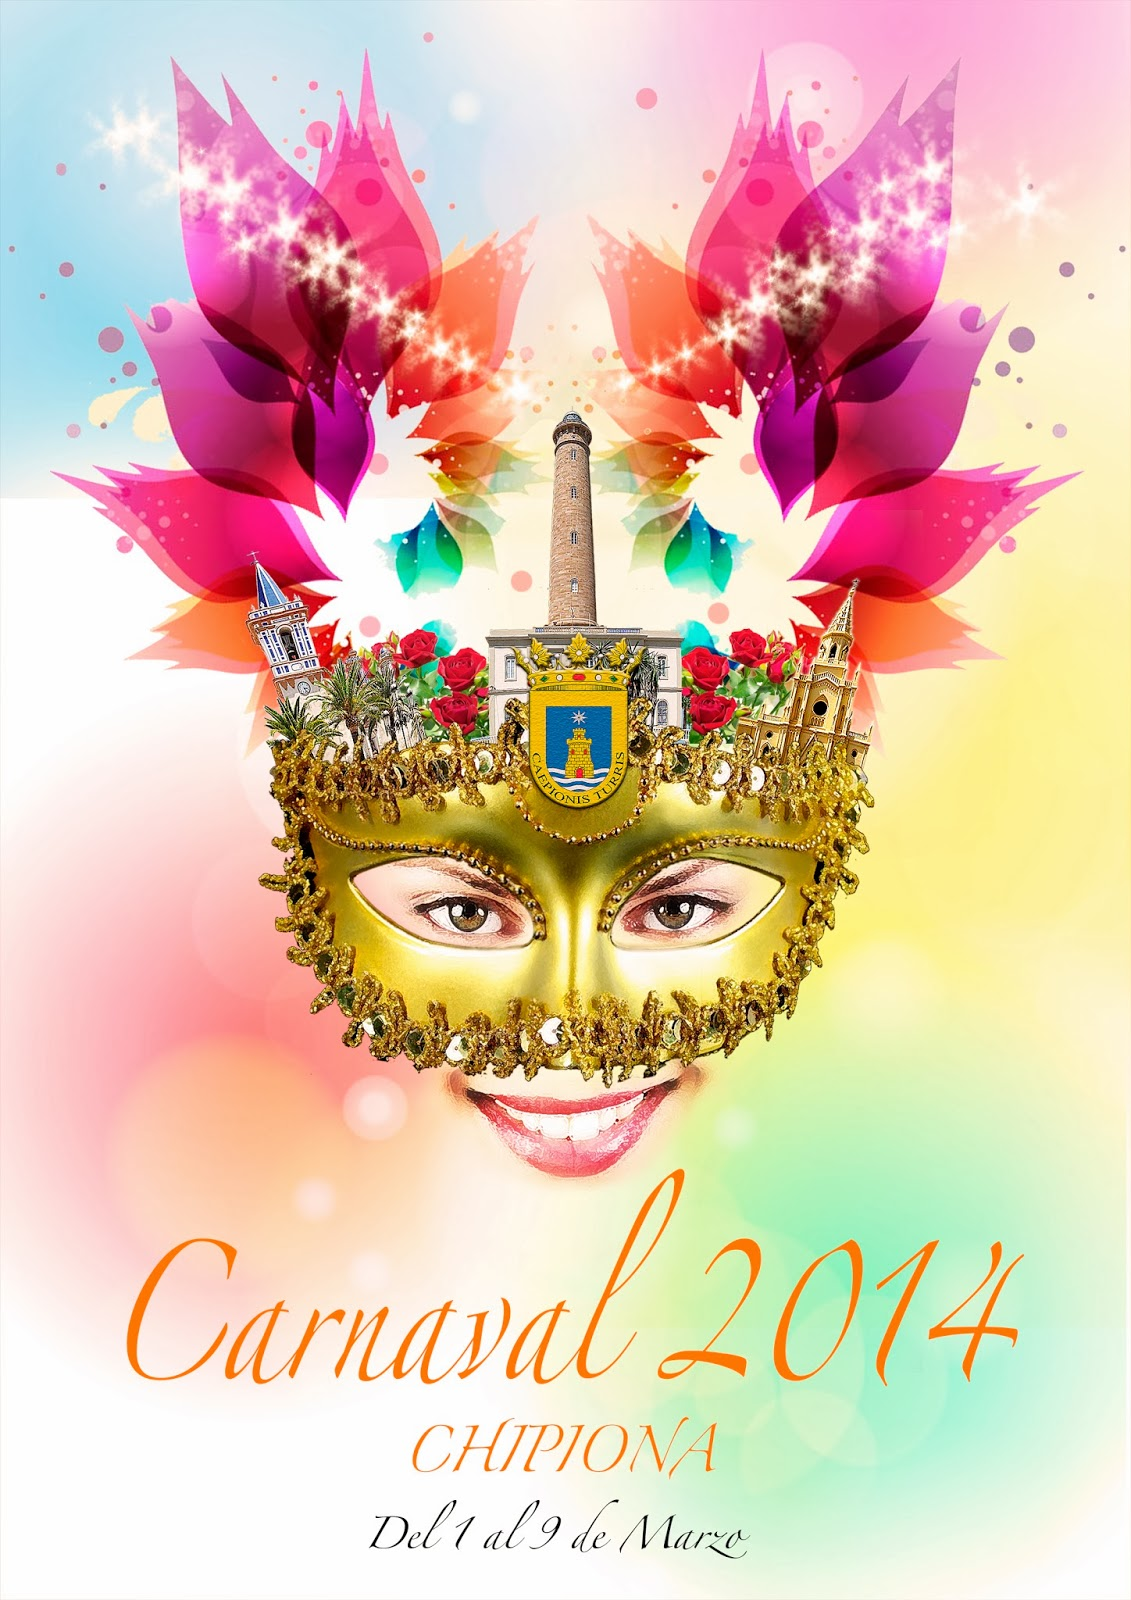 Cartel Carnaval 14 OK